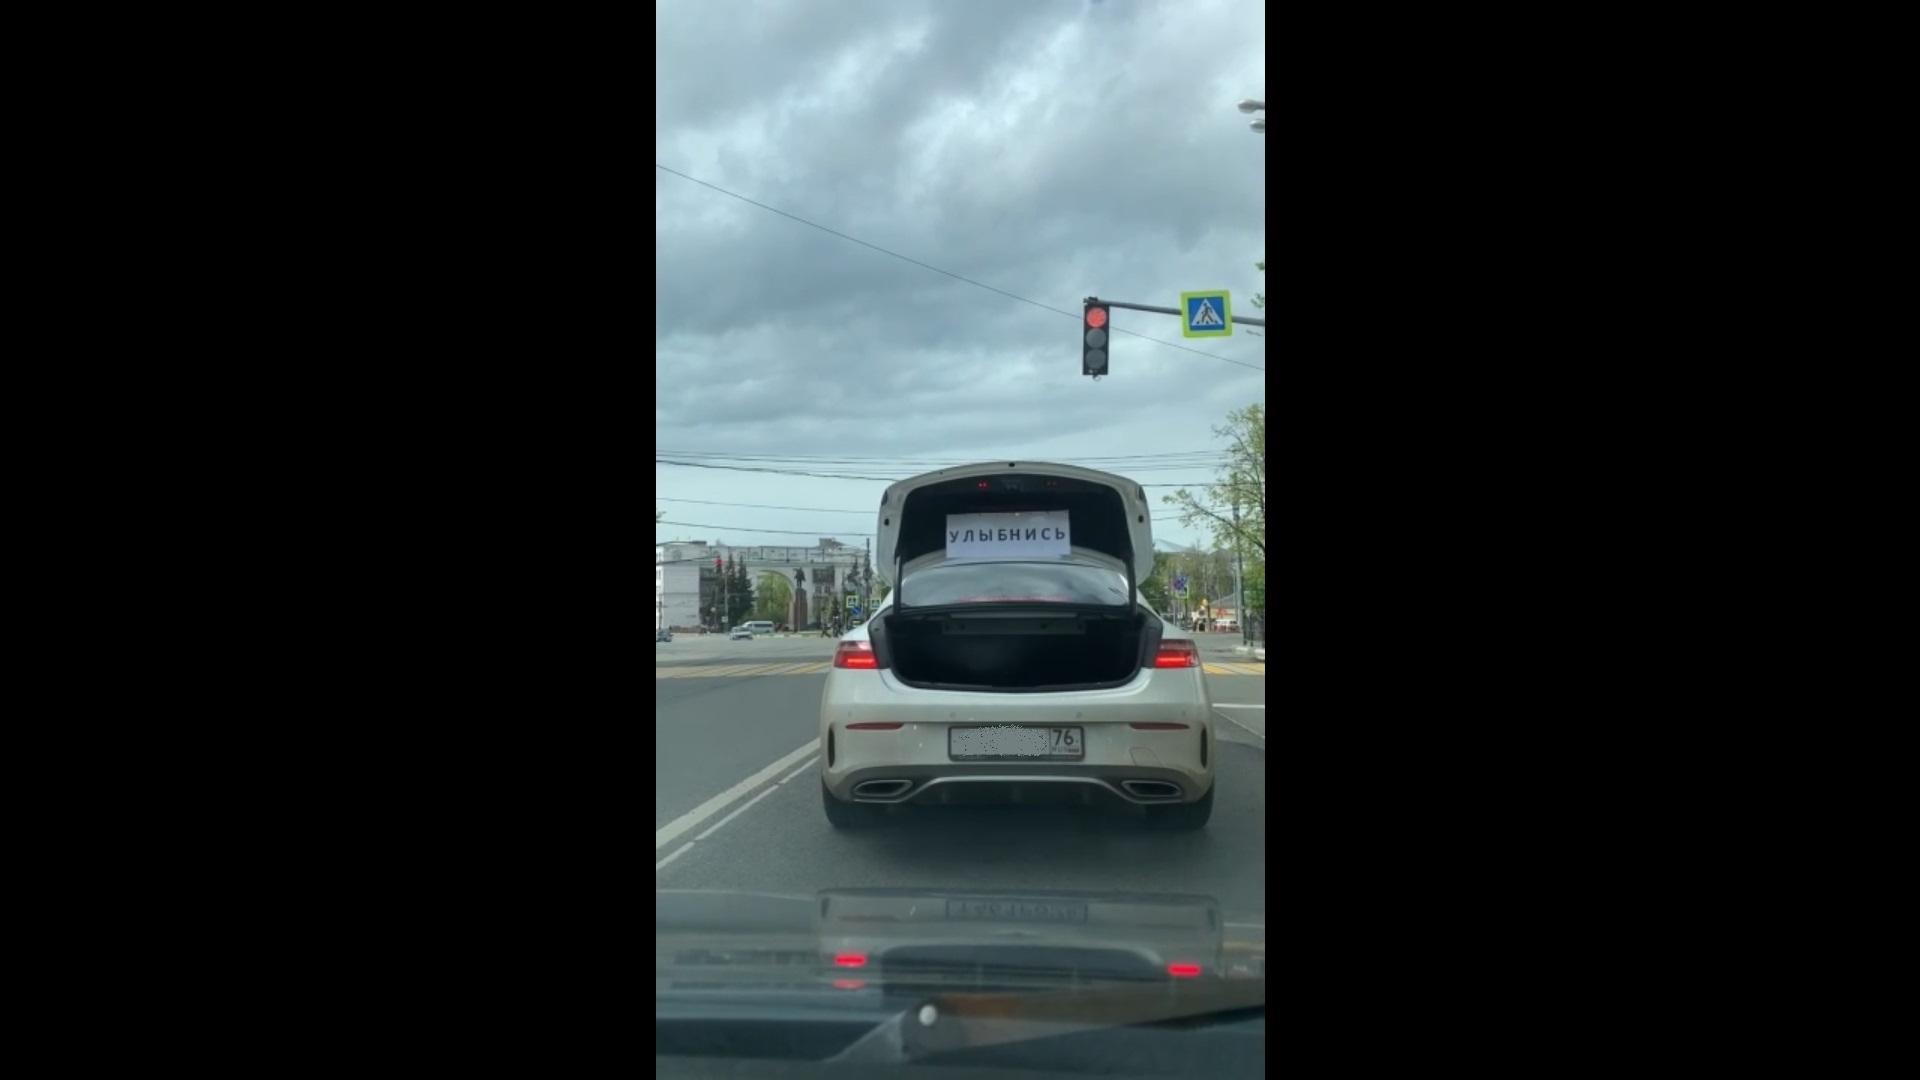 «В Ярославль вернулся вежливый «Мерседес»: у владельца авто появилось новое объявление для водителей